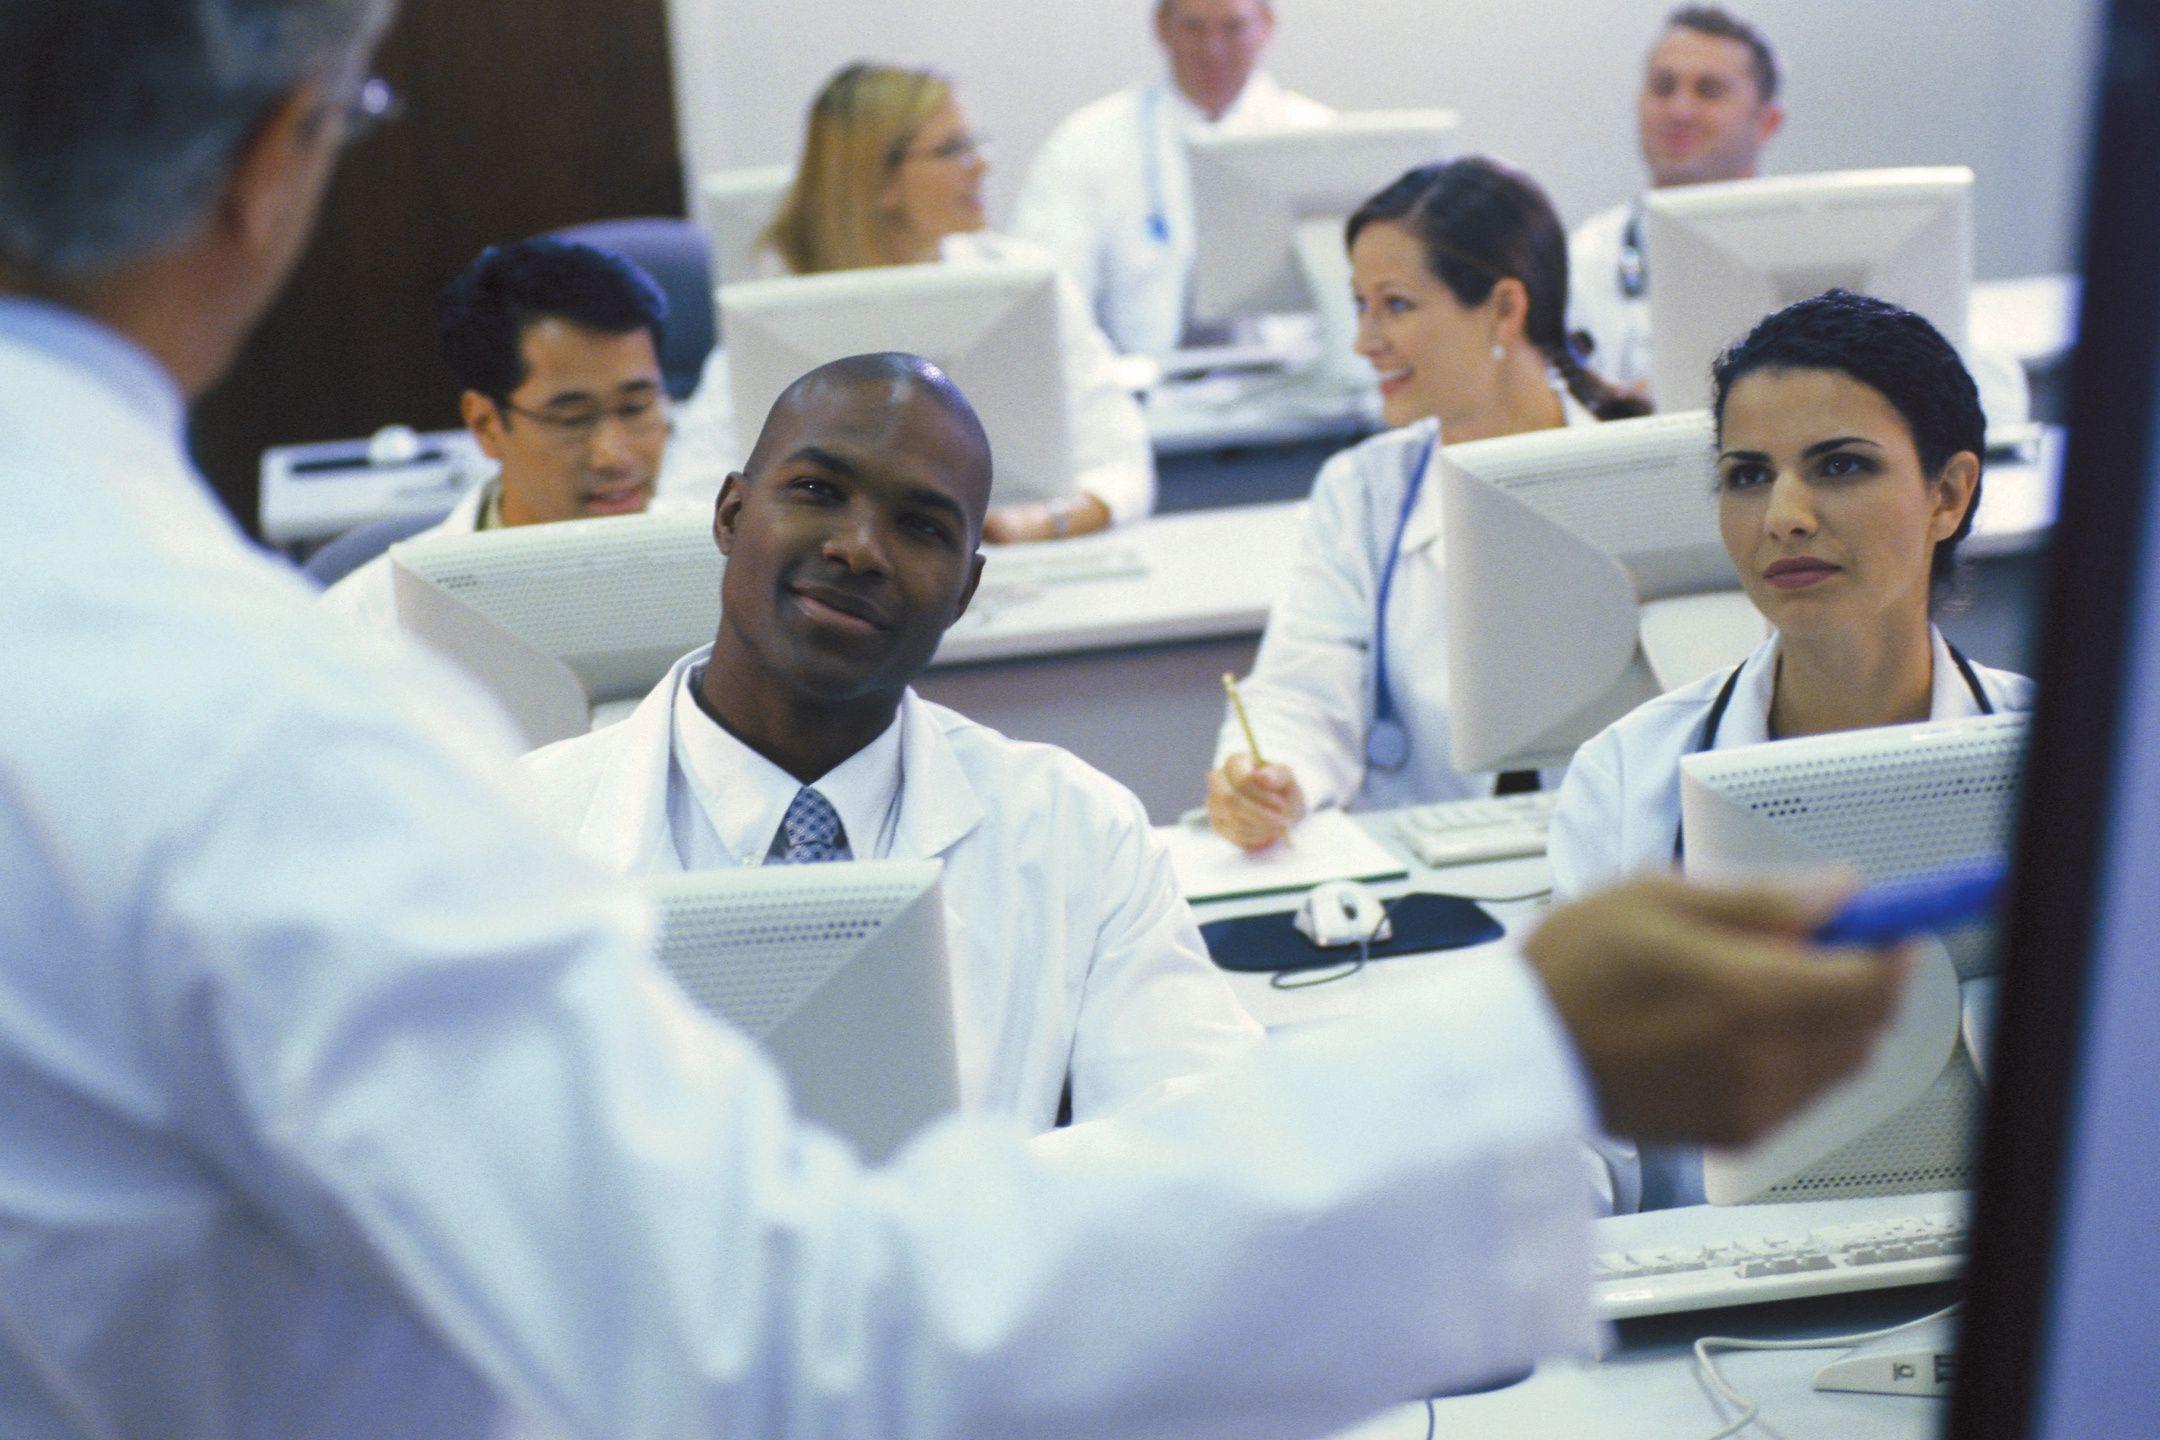 medical school graduates